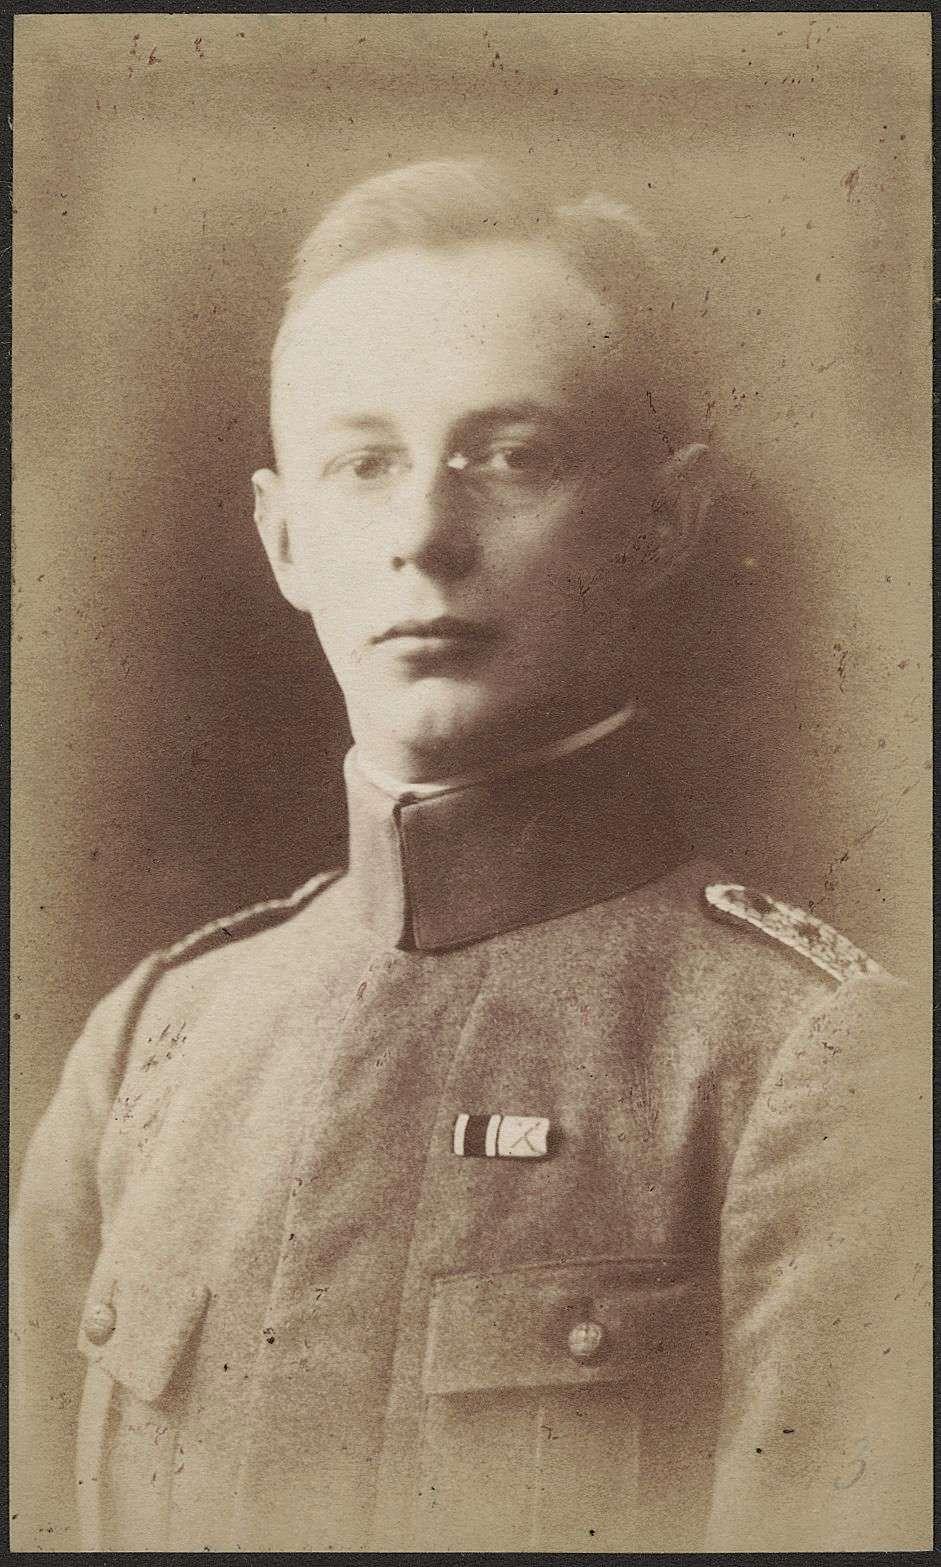 Böhringer, Georg, Bild 1